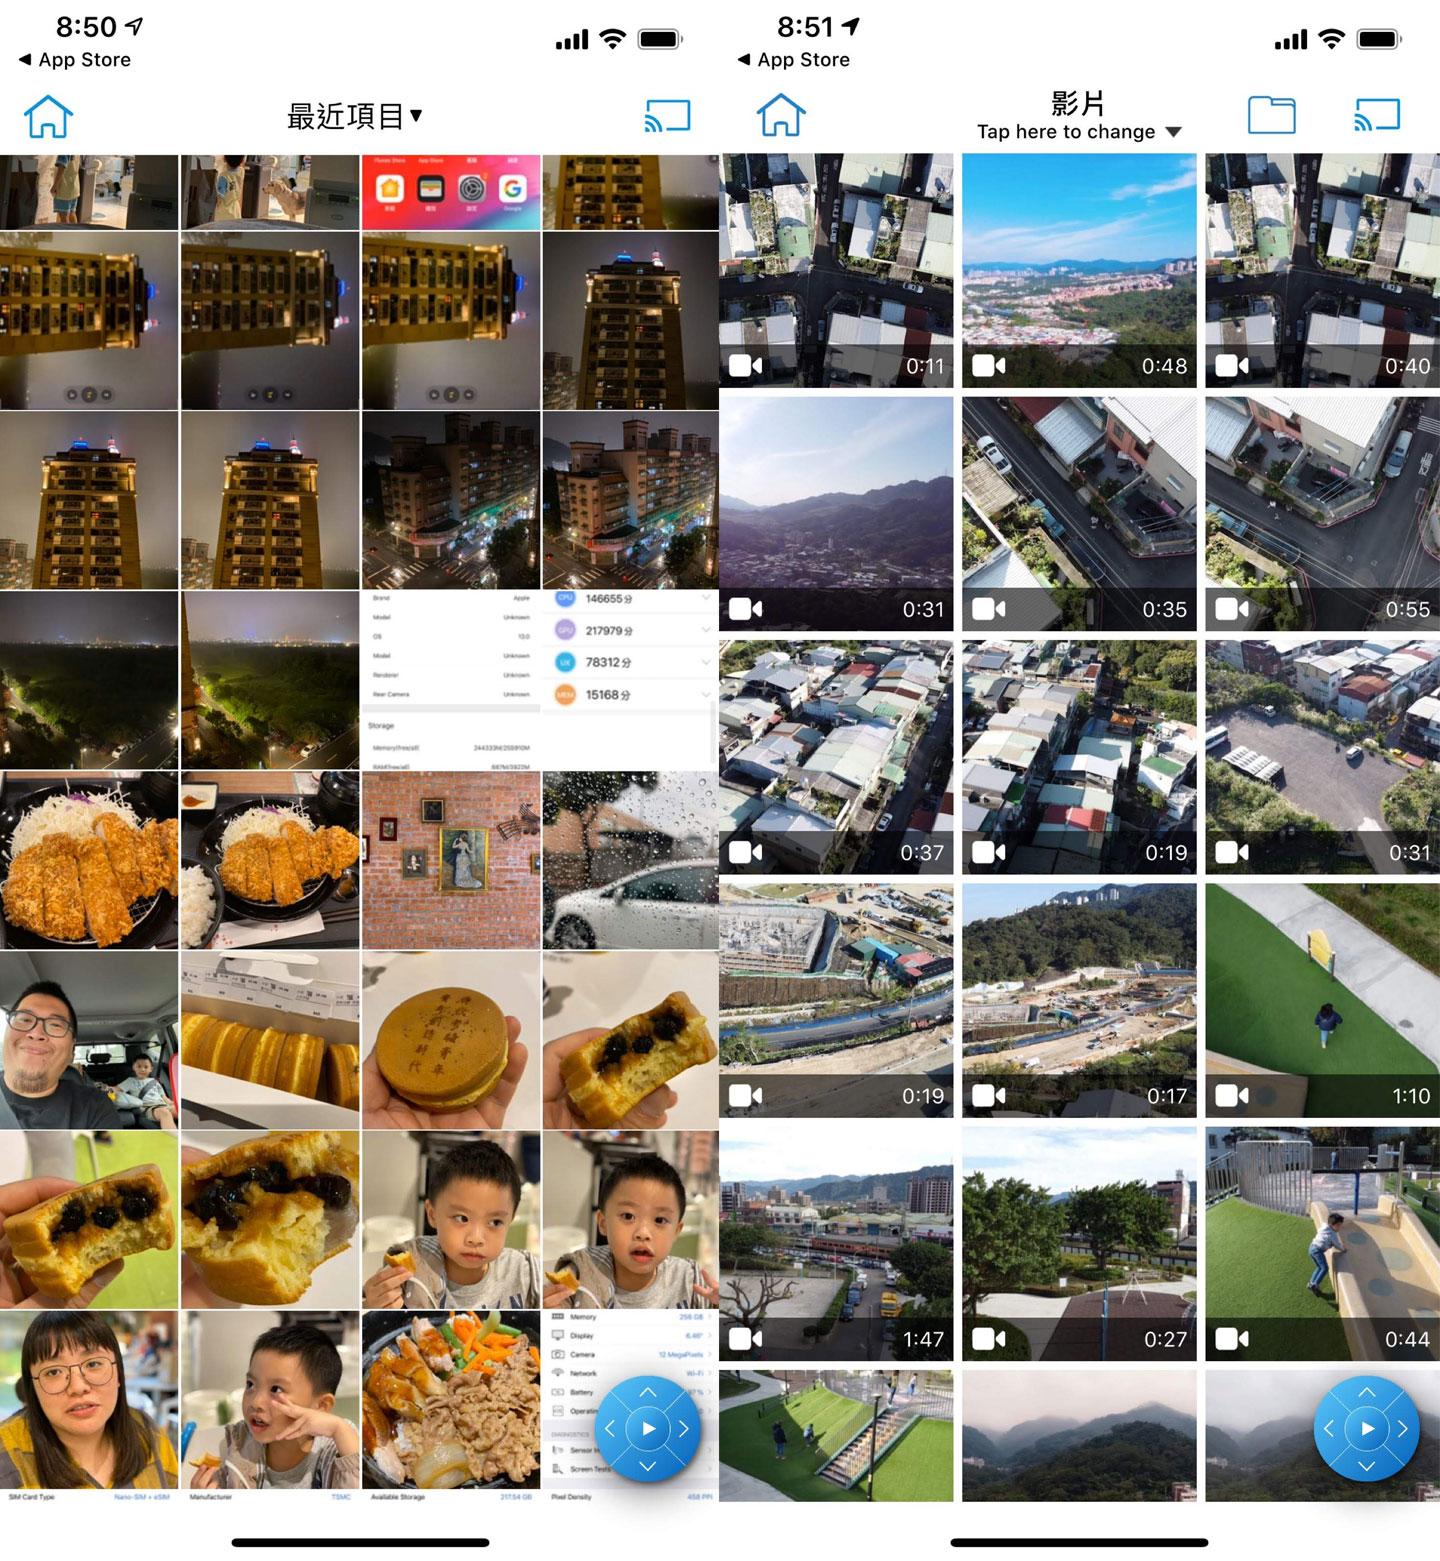 透過 EZCast 應用程式也能將儲存在手機裡的照片和影片直接投放到電視上,以更大的畫面來欣賞。